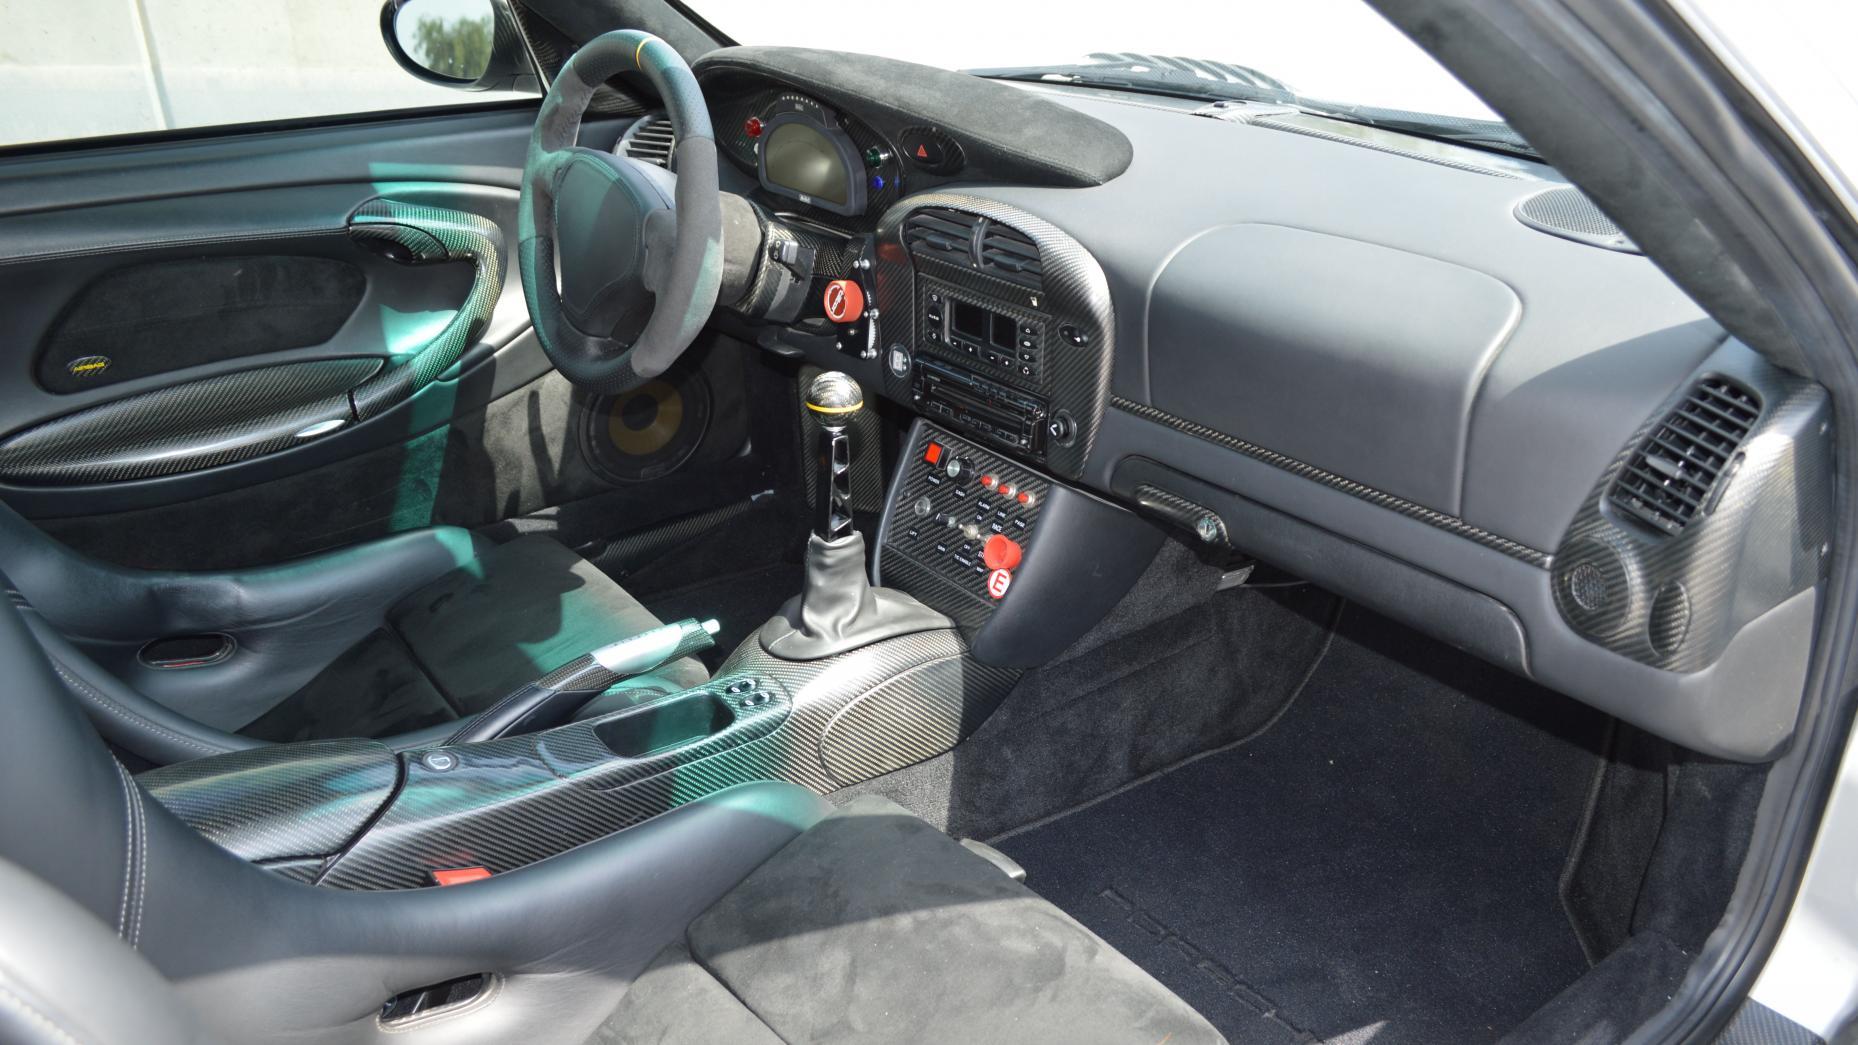 R Du Sugen P En Porsche 911 Gt2 Rsr Med 1 160